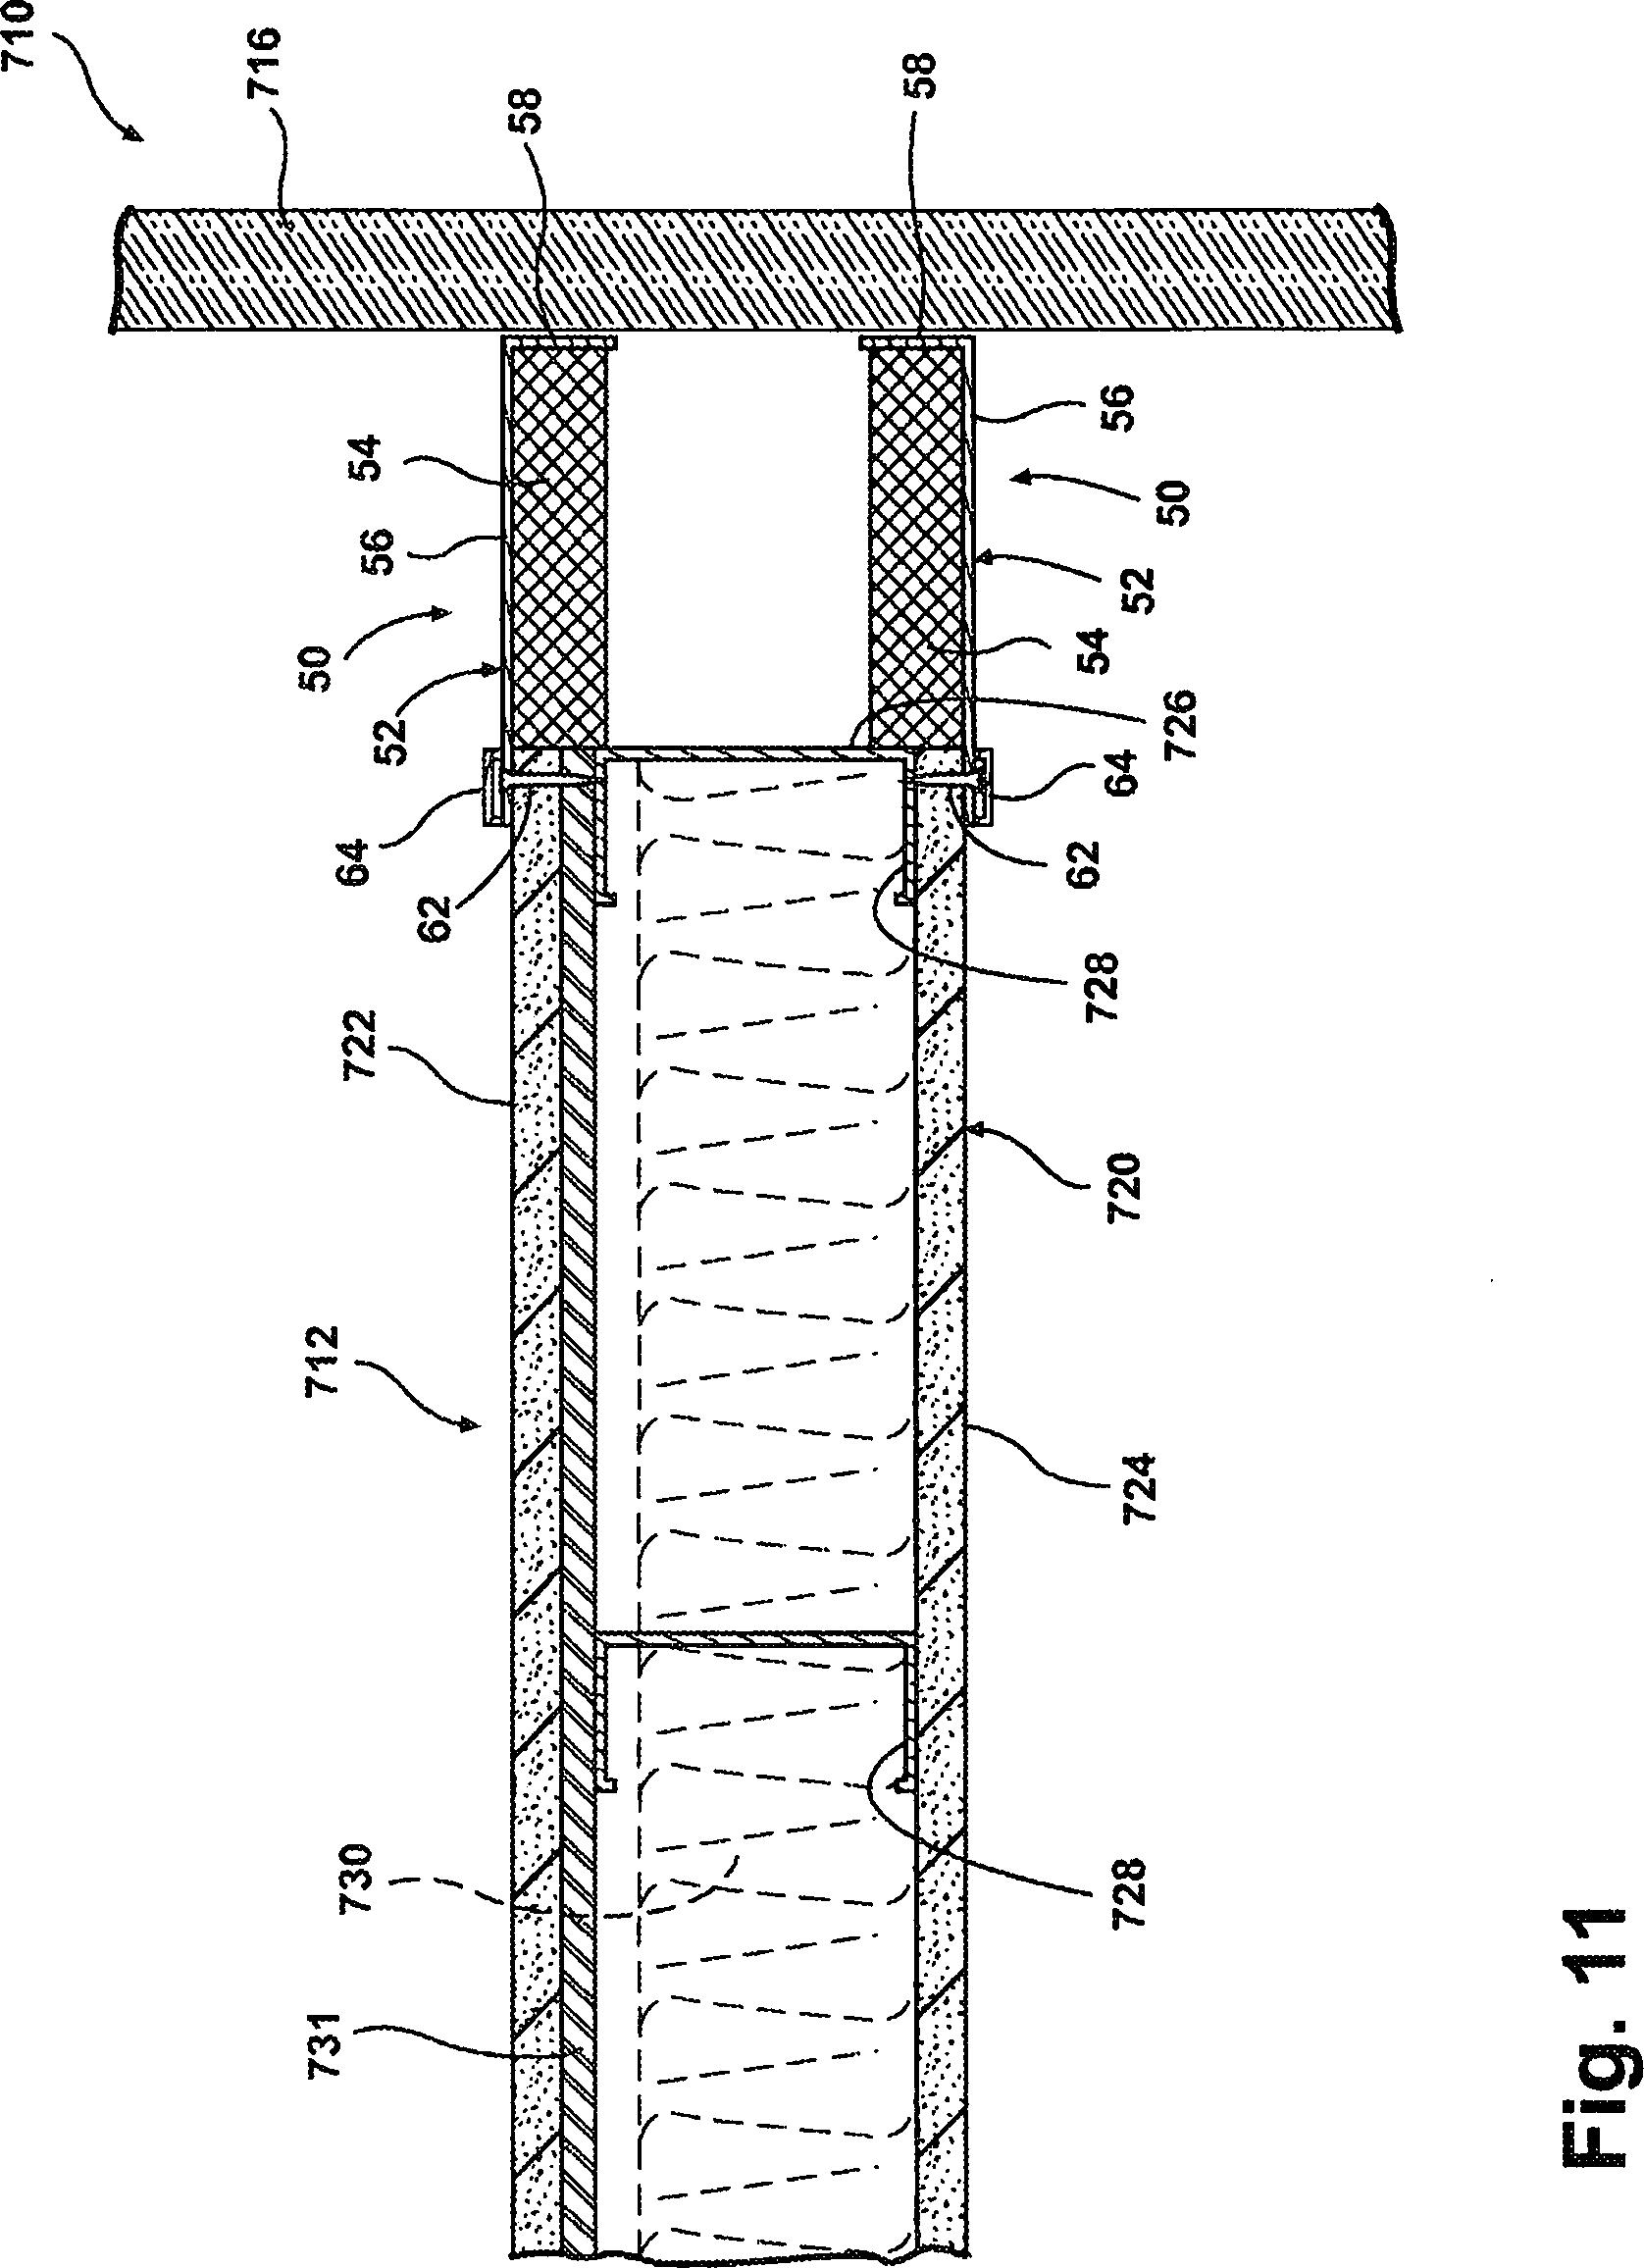 patent de112012000500t5 innenwandabdeckung zur anwendung an einer au enwand einer google. Black Bedroom Furniture Sets. Home Design Ideas